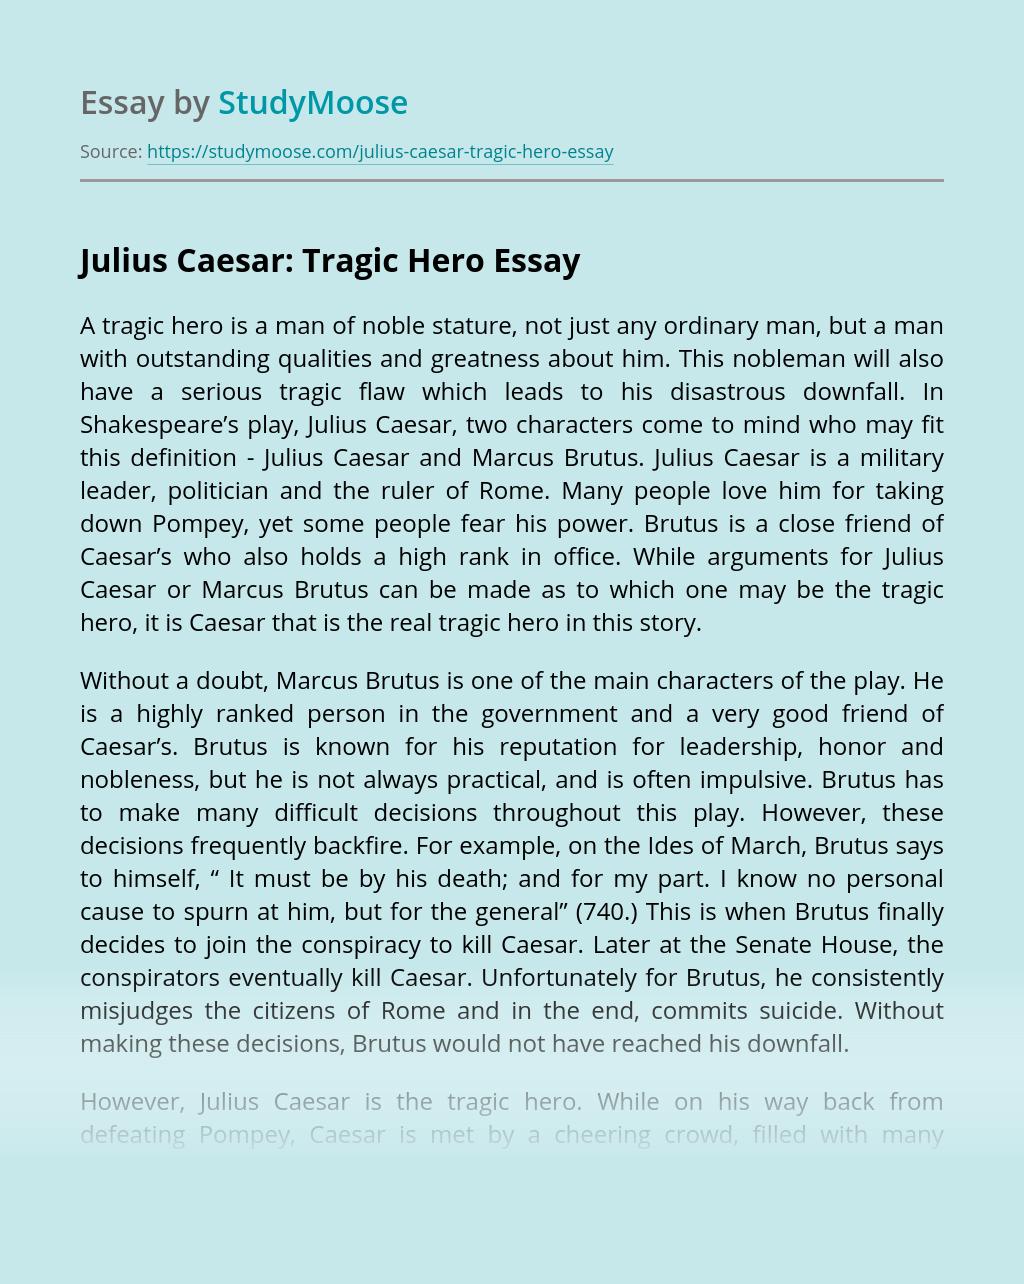 Julius Caesar: Tragic Hero